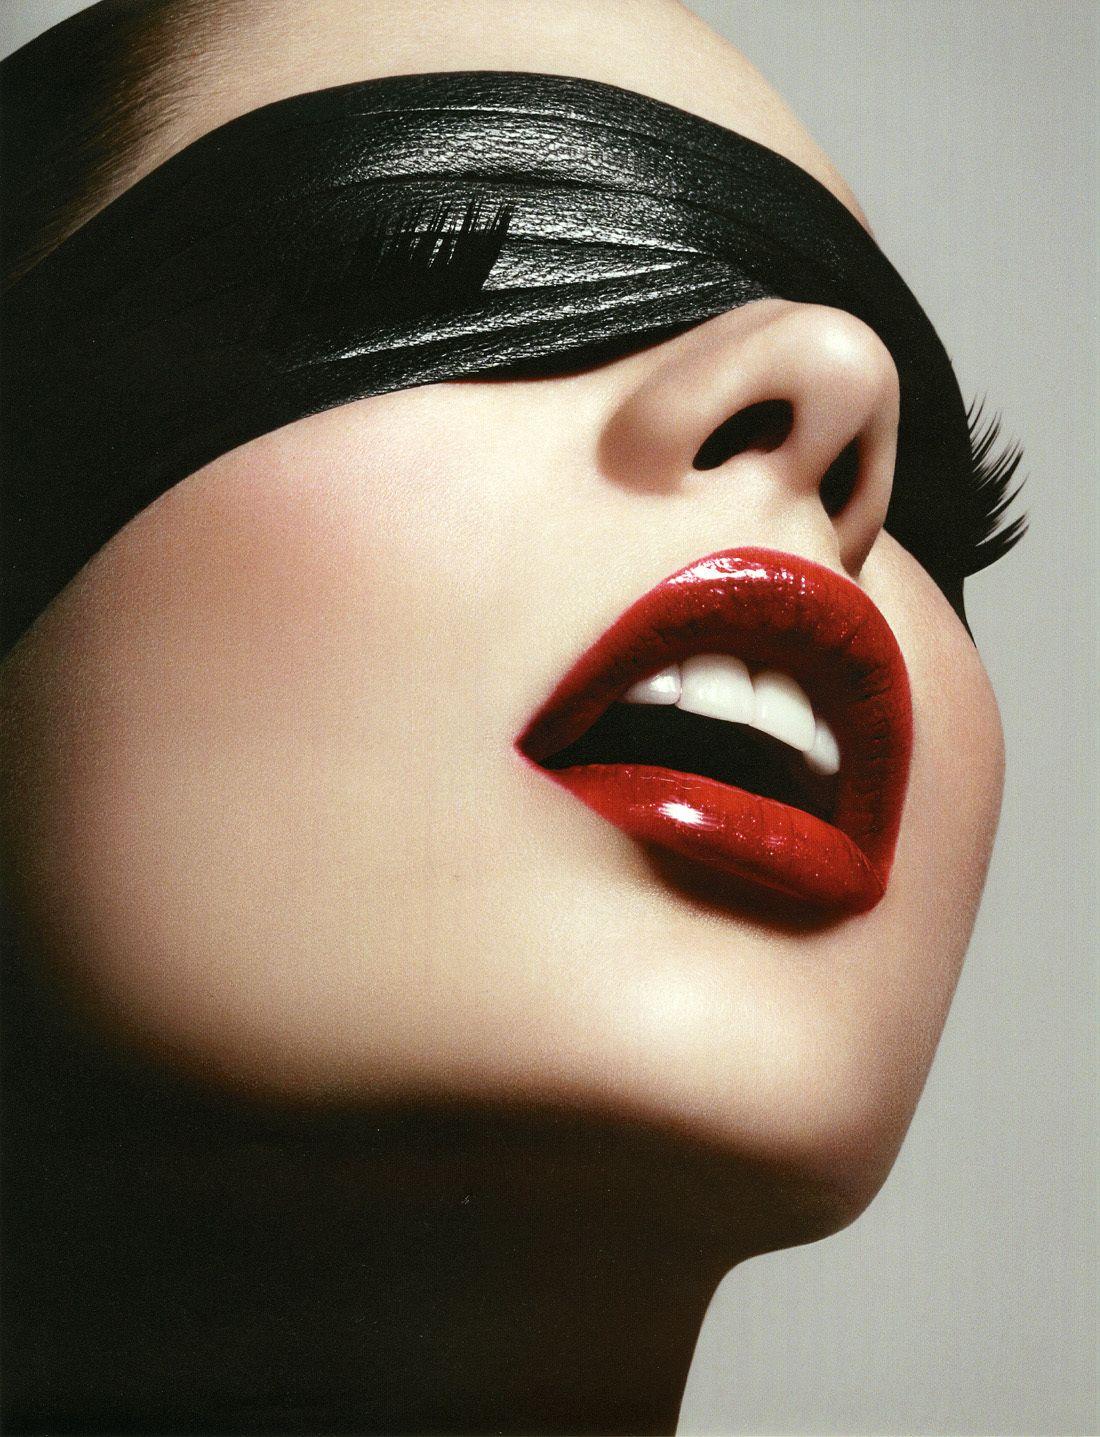 Robin Schoen Beauty Book On Behance Face Lips Mouth Teeth